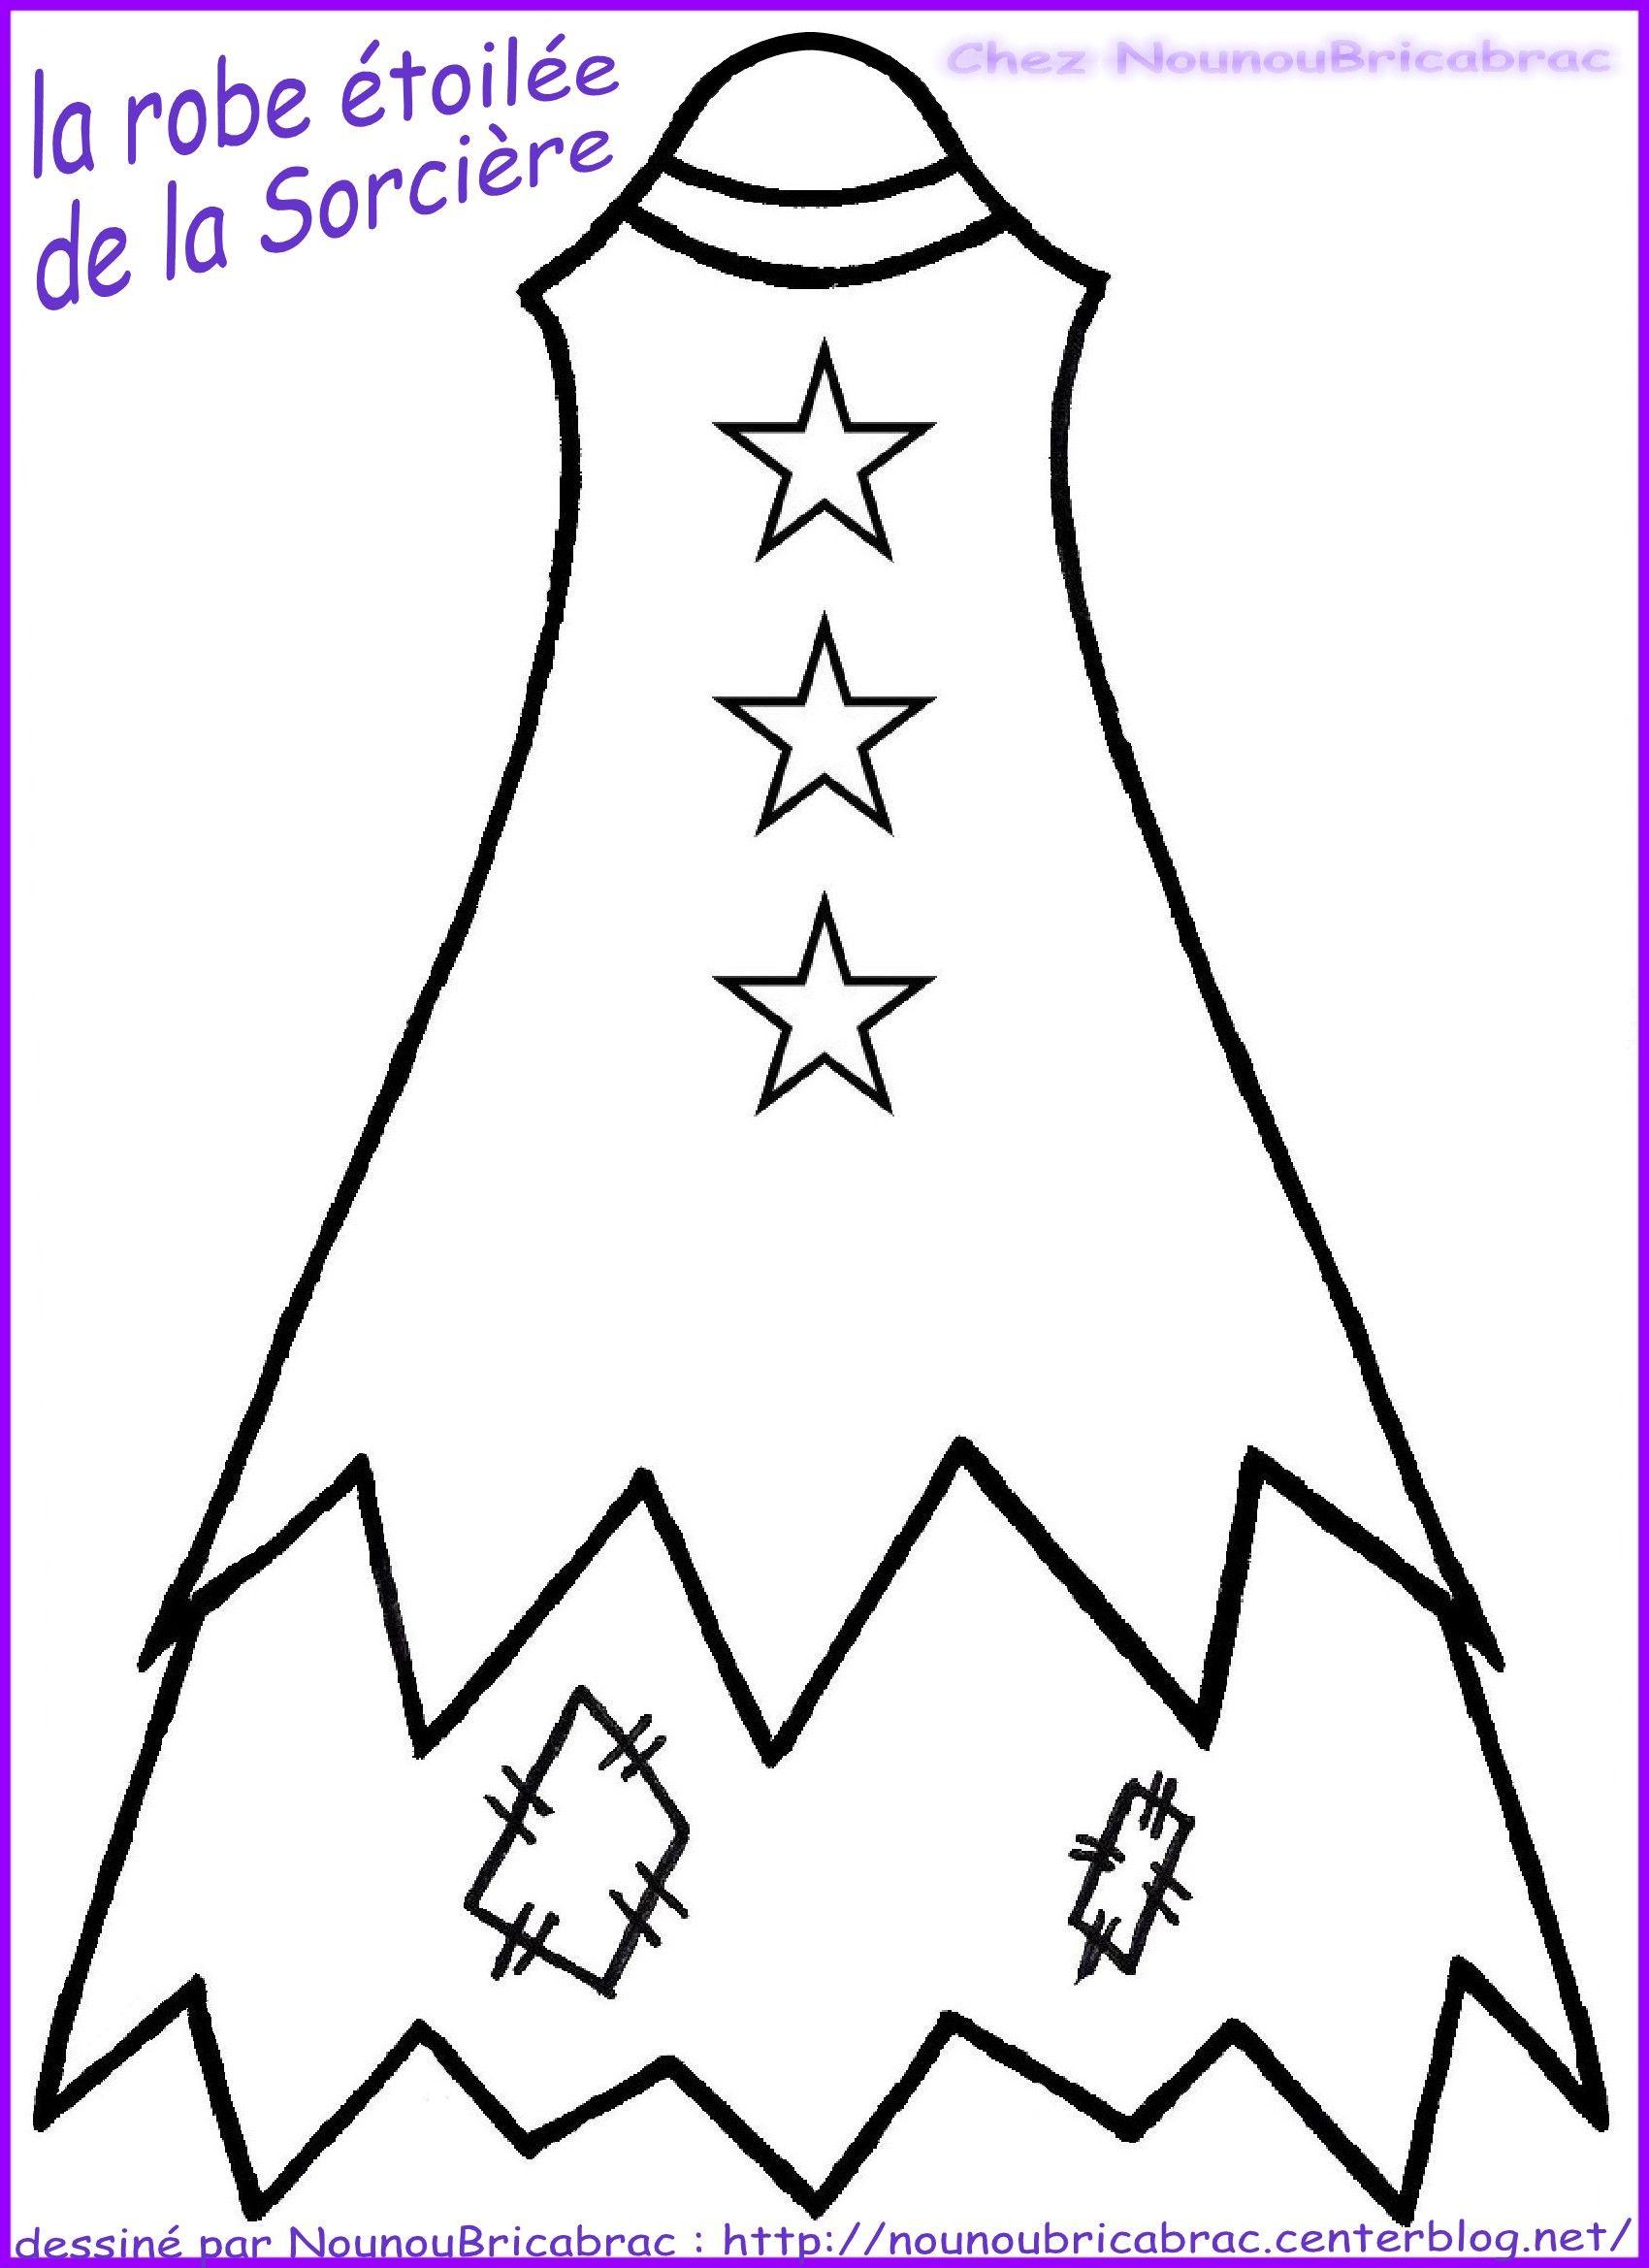 Marionnette : Sorcière d'Halloween... La Robe Étoilée réalisée par Nounoubricabrac